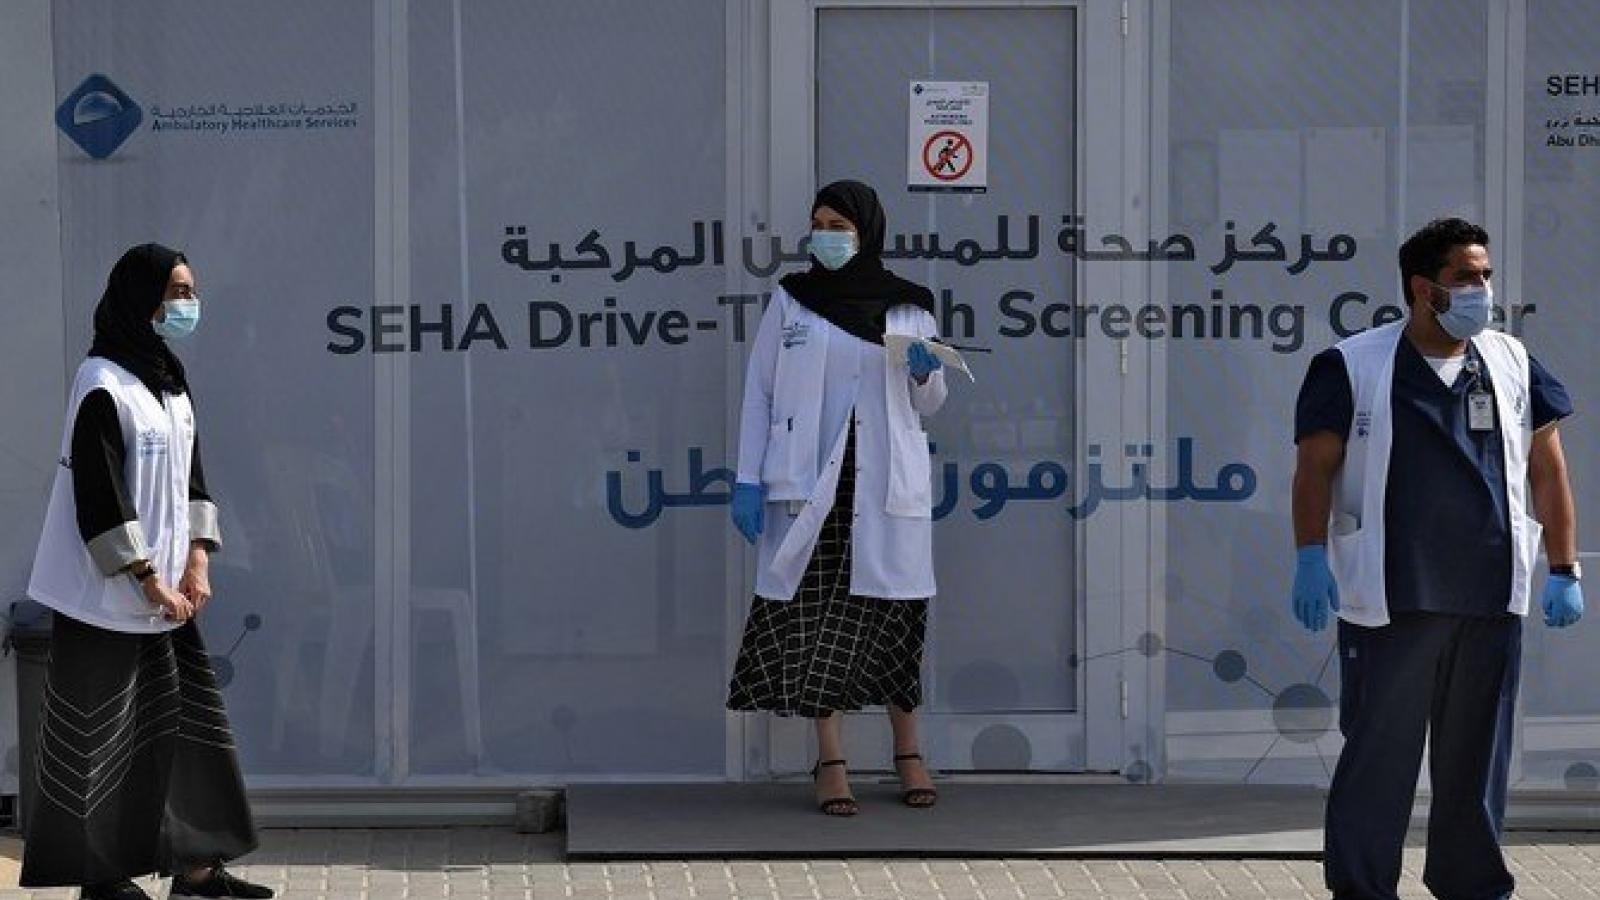 UAE được xếp hạng tốt nhất thứ 10 thế giới trong điều trị Covid-19